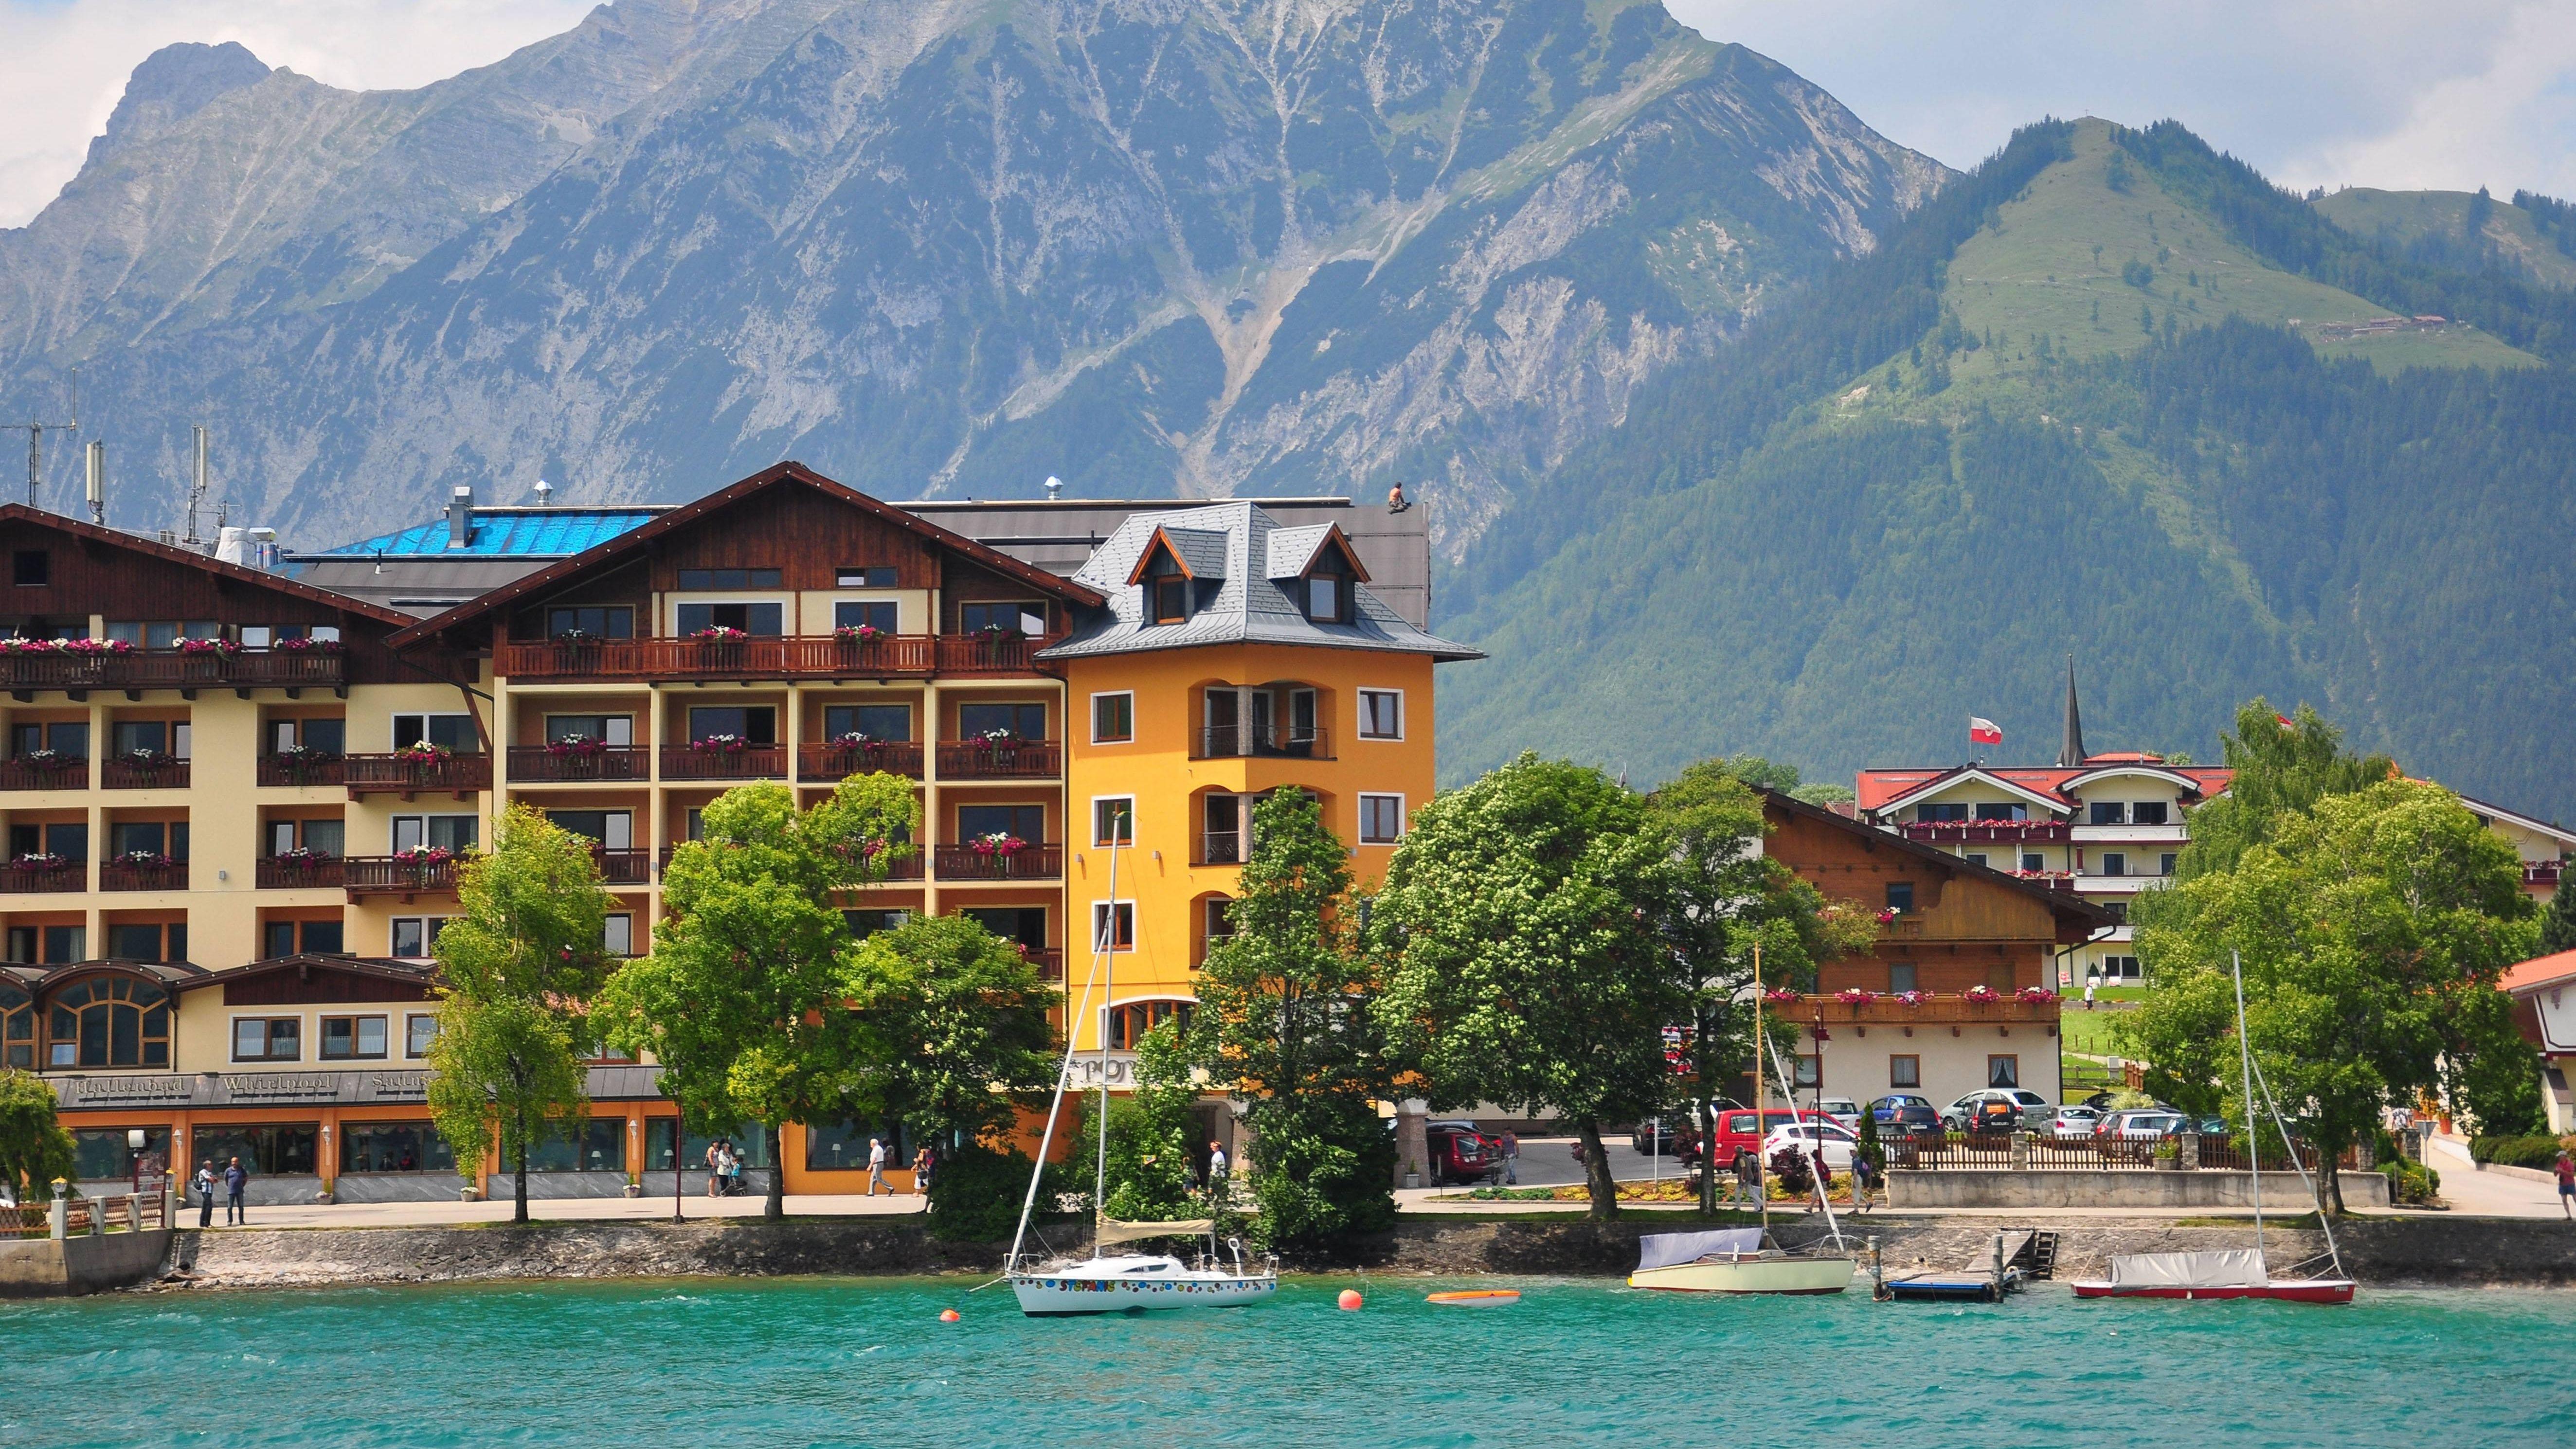 Seeufer des Achensees mit Hotels